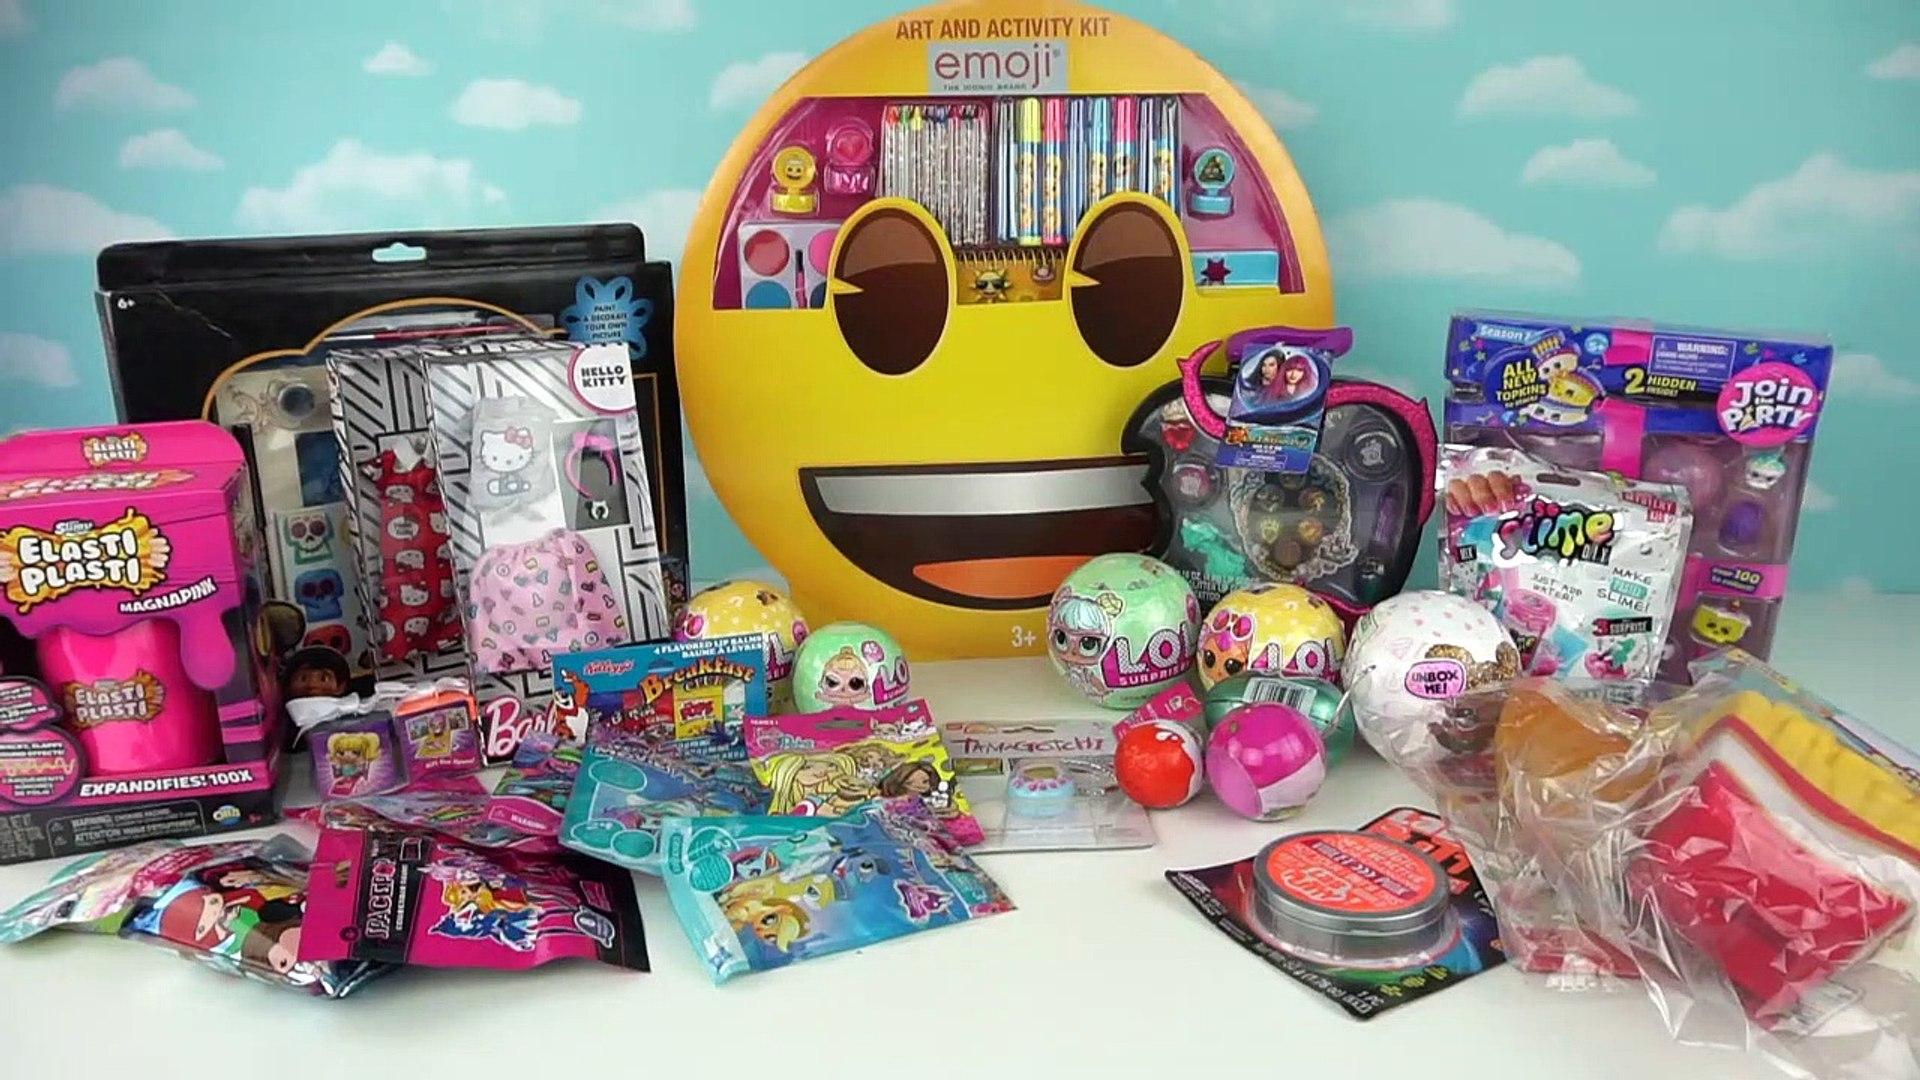 PetsEmojisSlimeMaquillaje Sorpresas Abriendo CocoLol Y Juguetes Nuevos De Surprise Barbie VUpGqzSM